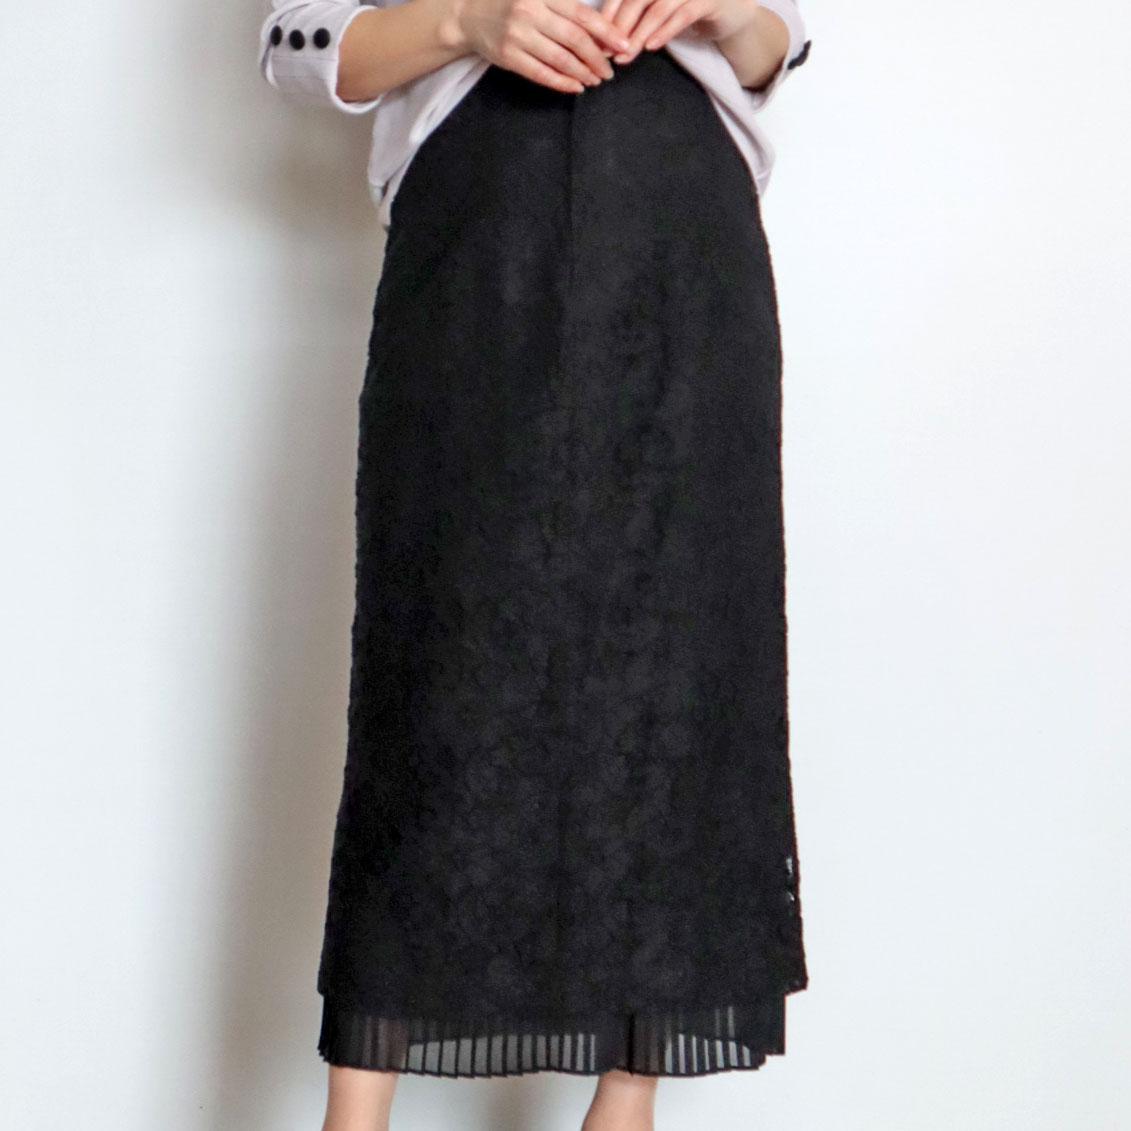 レースタイトスカート/SUGAR ROSE 8049